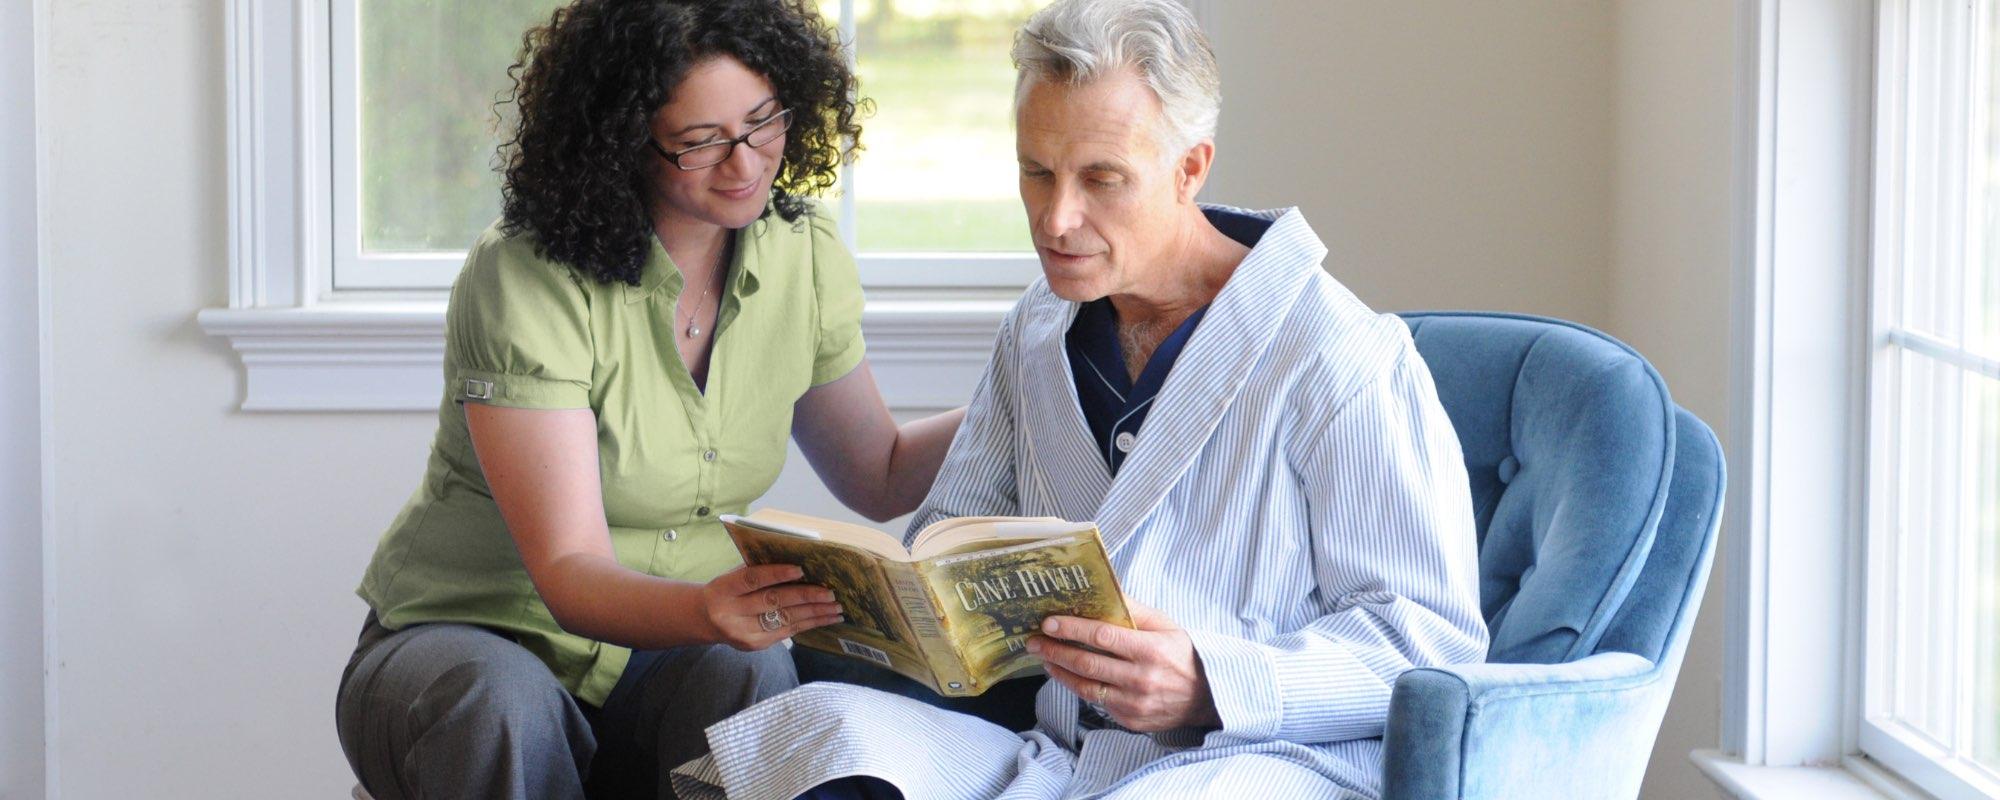 Критерии хосписов для престарелых больных деменцией